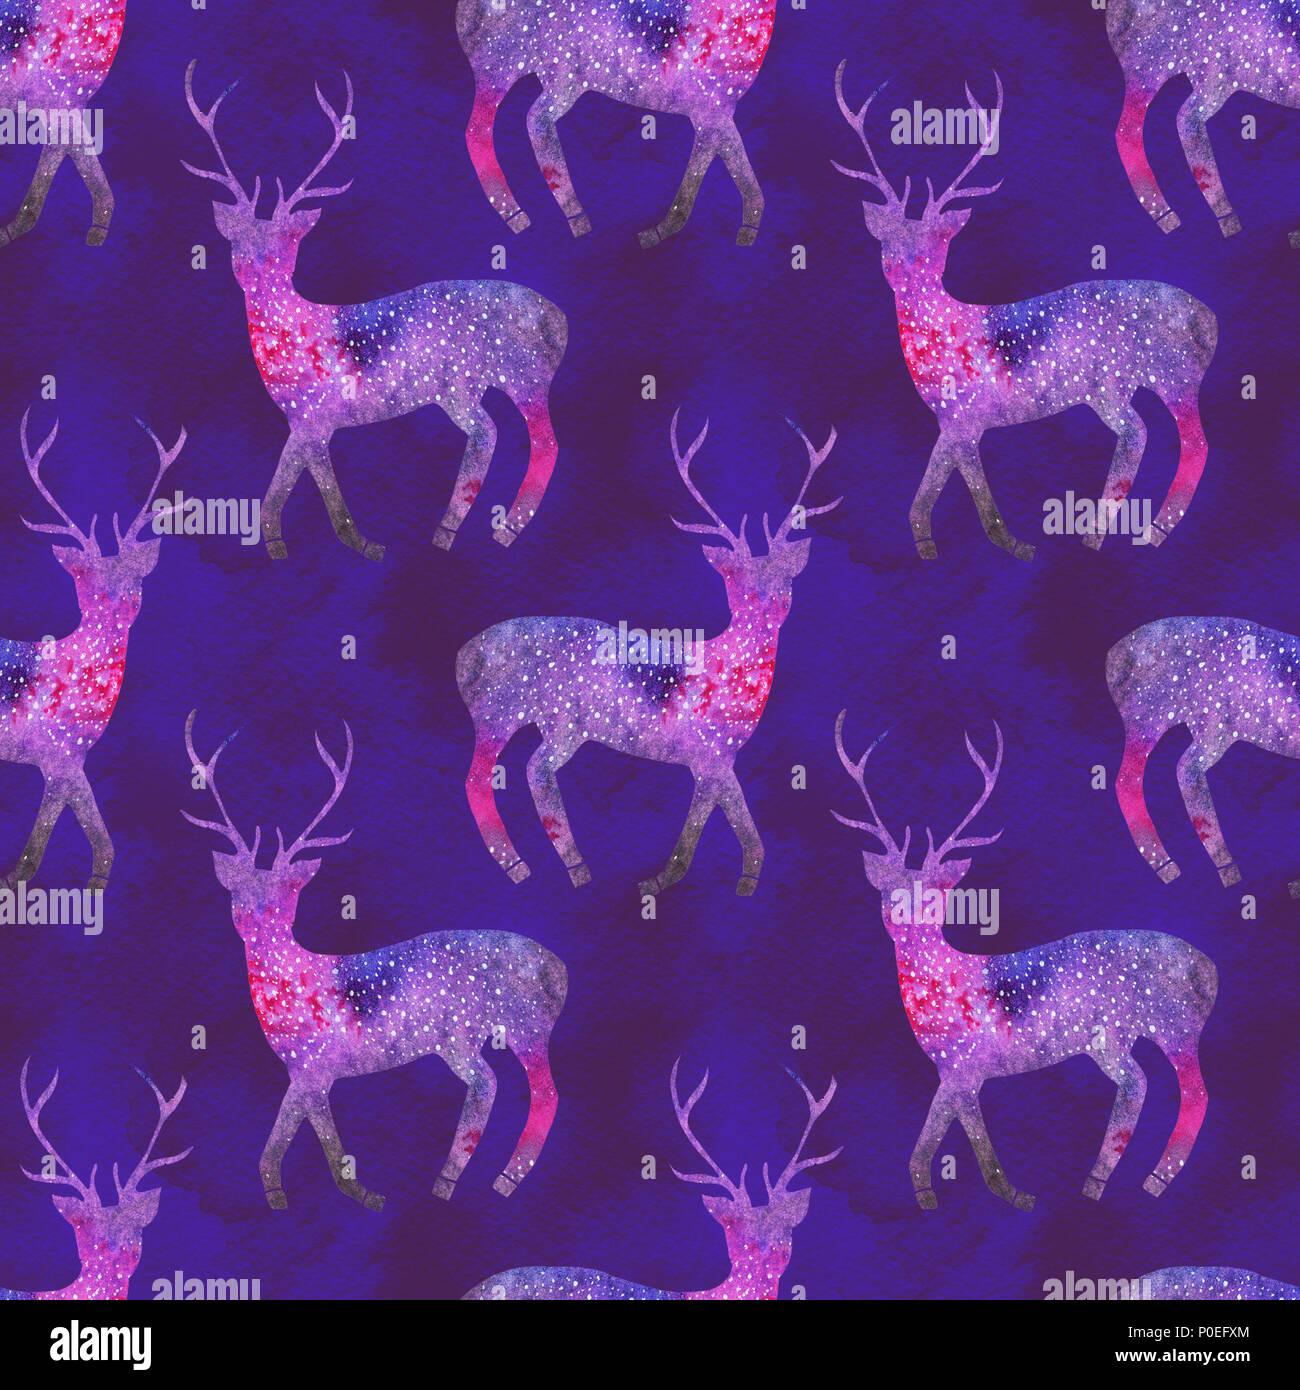 aquarell hirsche nahtlose muster mit kosmischen oder galaxy hirsche auf den tiefen ultra violett unterlegt handgezeichneten originale tier tapete - Galaxy Muster